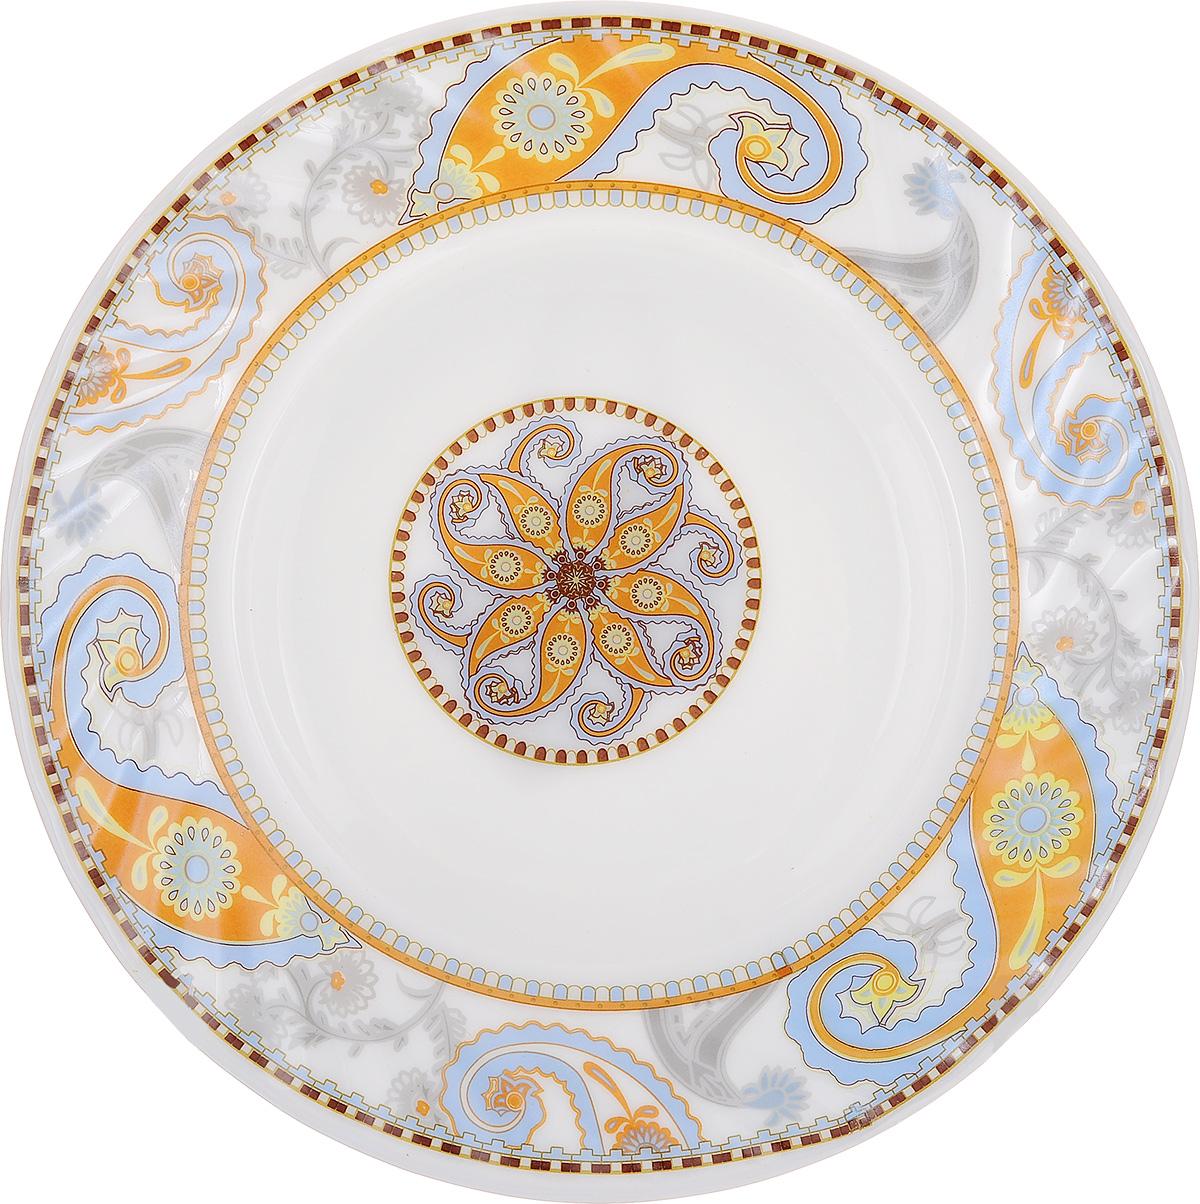 Тарелка обеденная МФК-профит Ориент, цвет: белый, песочный, 23 смHP-90/6721Обеденная тарелка МФК-профит Ориент, изготовленная из стеклокерамики,украшена ярким цветочным рисунком. Изящный дизайн придется по вкусу и ценителям классики,и тем, кто предпочитает утонченность. Тарелка МФК-профит Ориент идеально подойдет для сервировкистола и станет отличным подарком к любому празднику.Диаметр (по верхнему краю): 23 см.